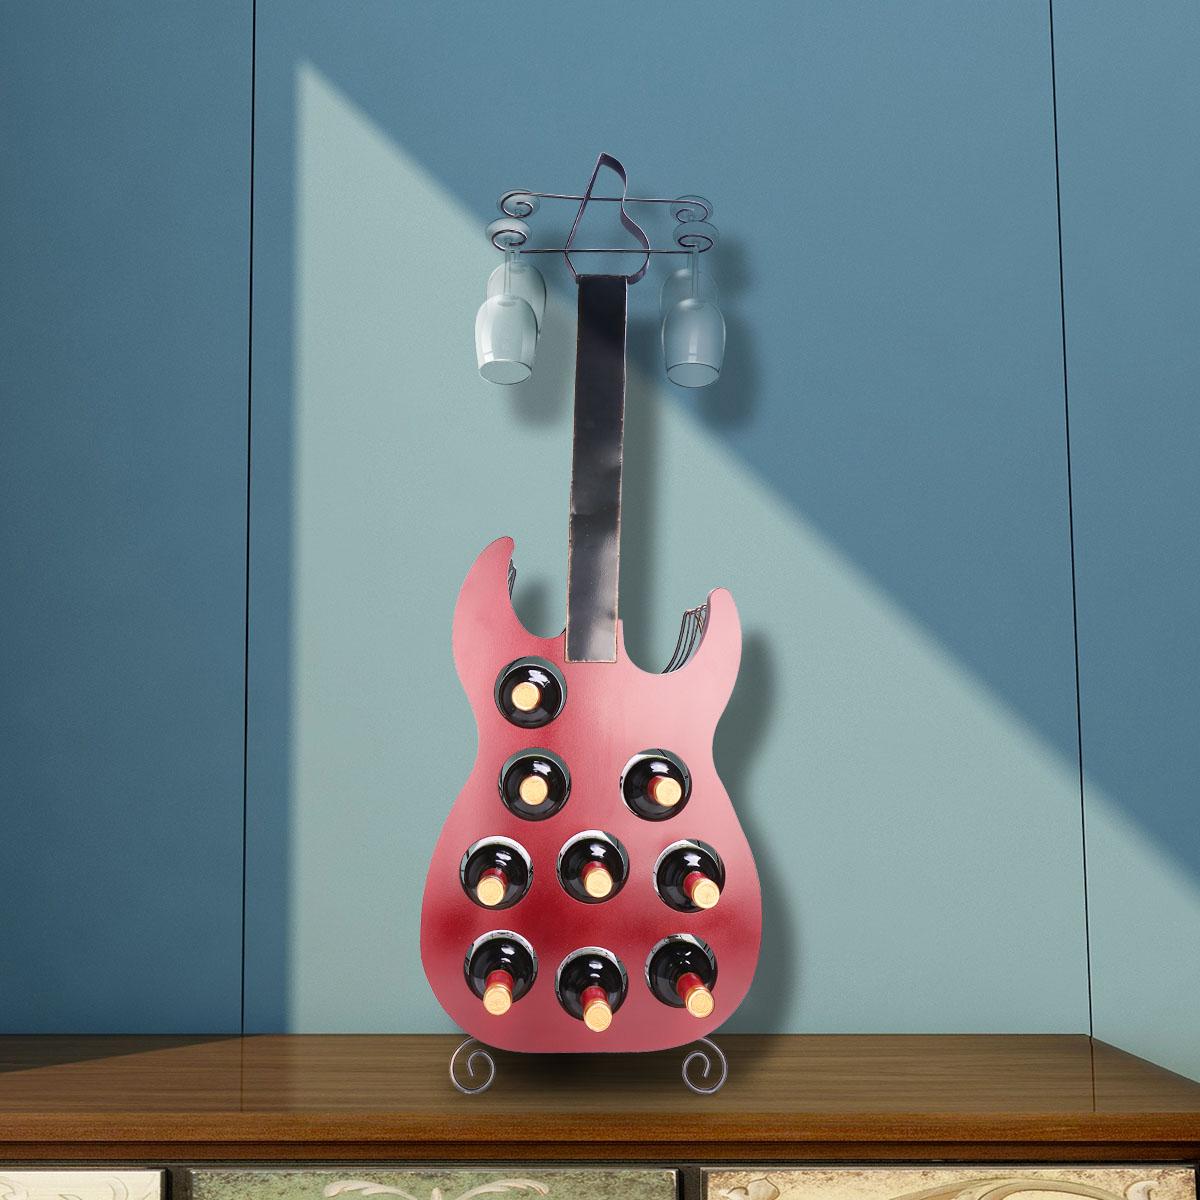 Tooarts 9 Flaschen Gitarre Weinregal Grosse Gitarre Kunst Dekoration Kreative Weinregal Robustes Eisen Und Holz Handgemachte